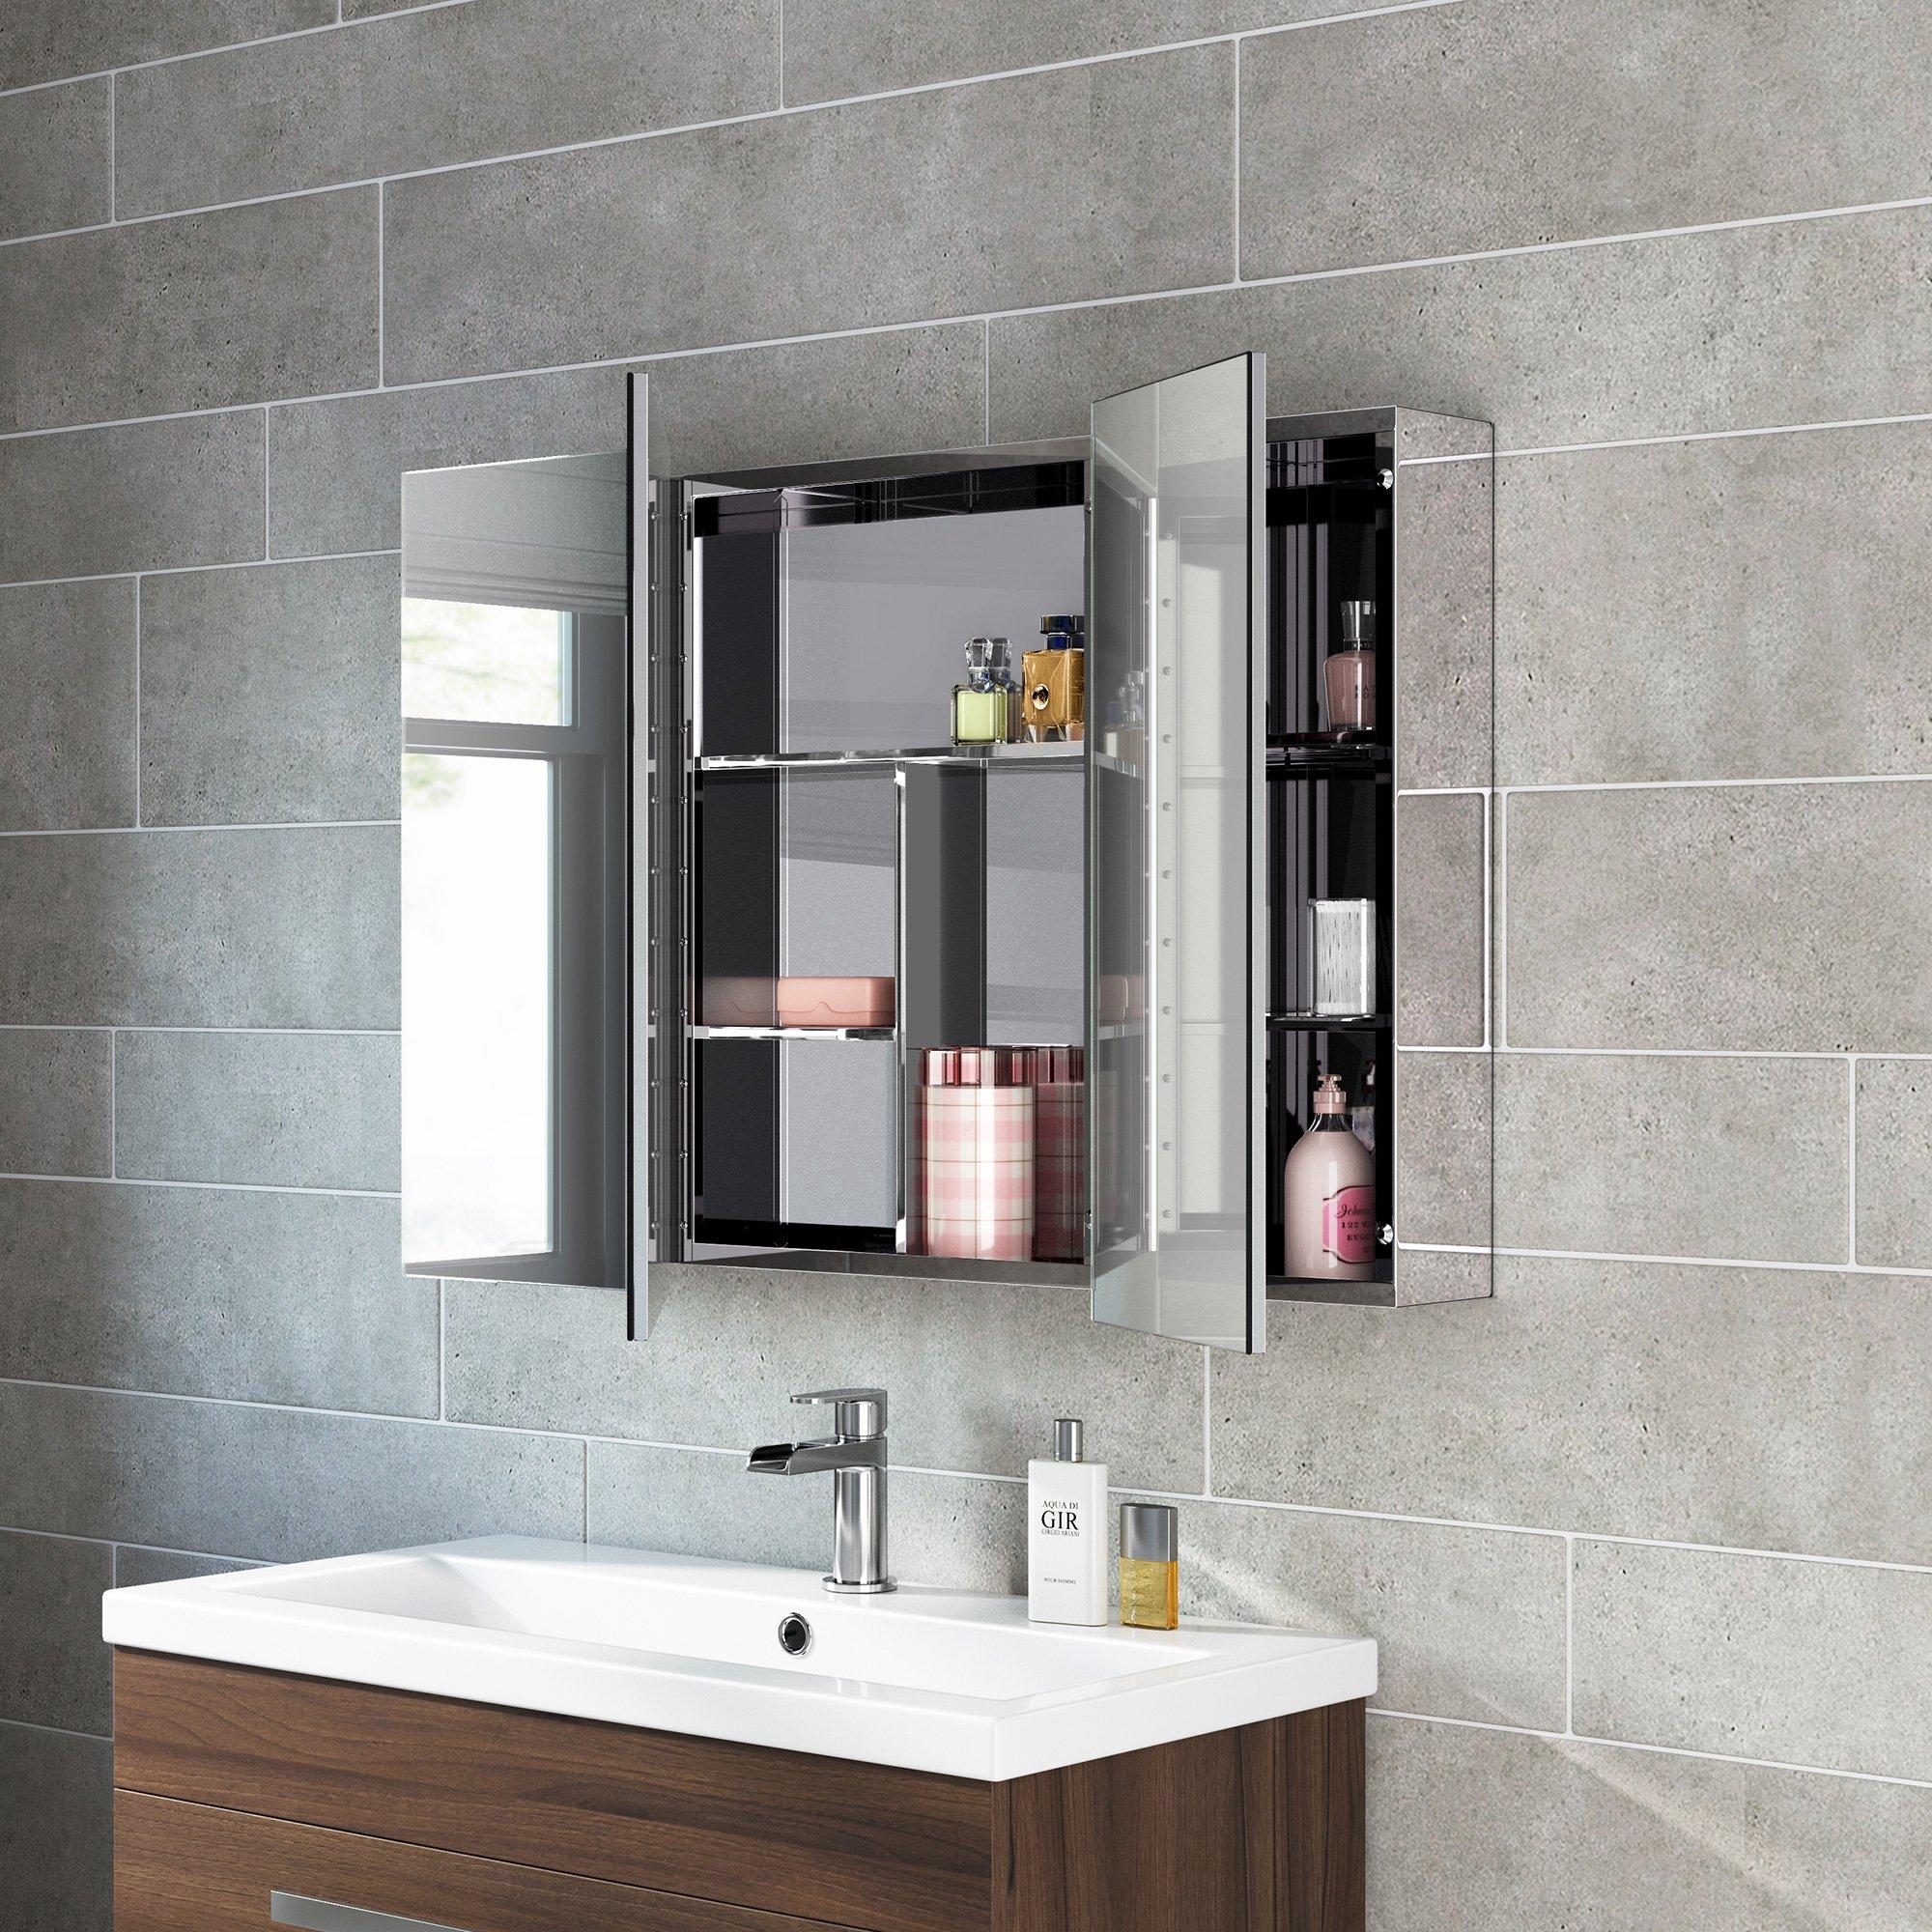 Home bathroom bathroom furniture bathroom wall cabinets